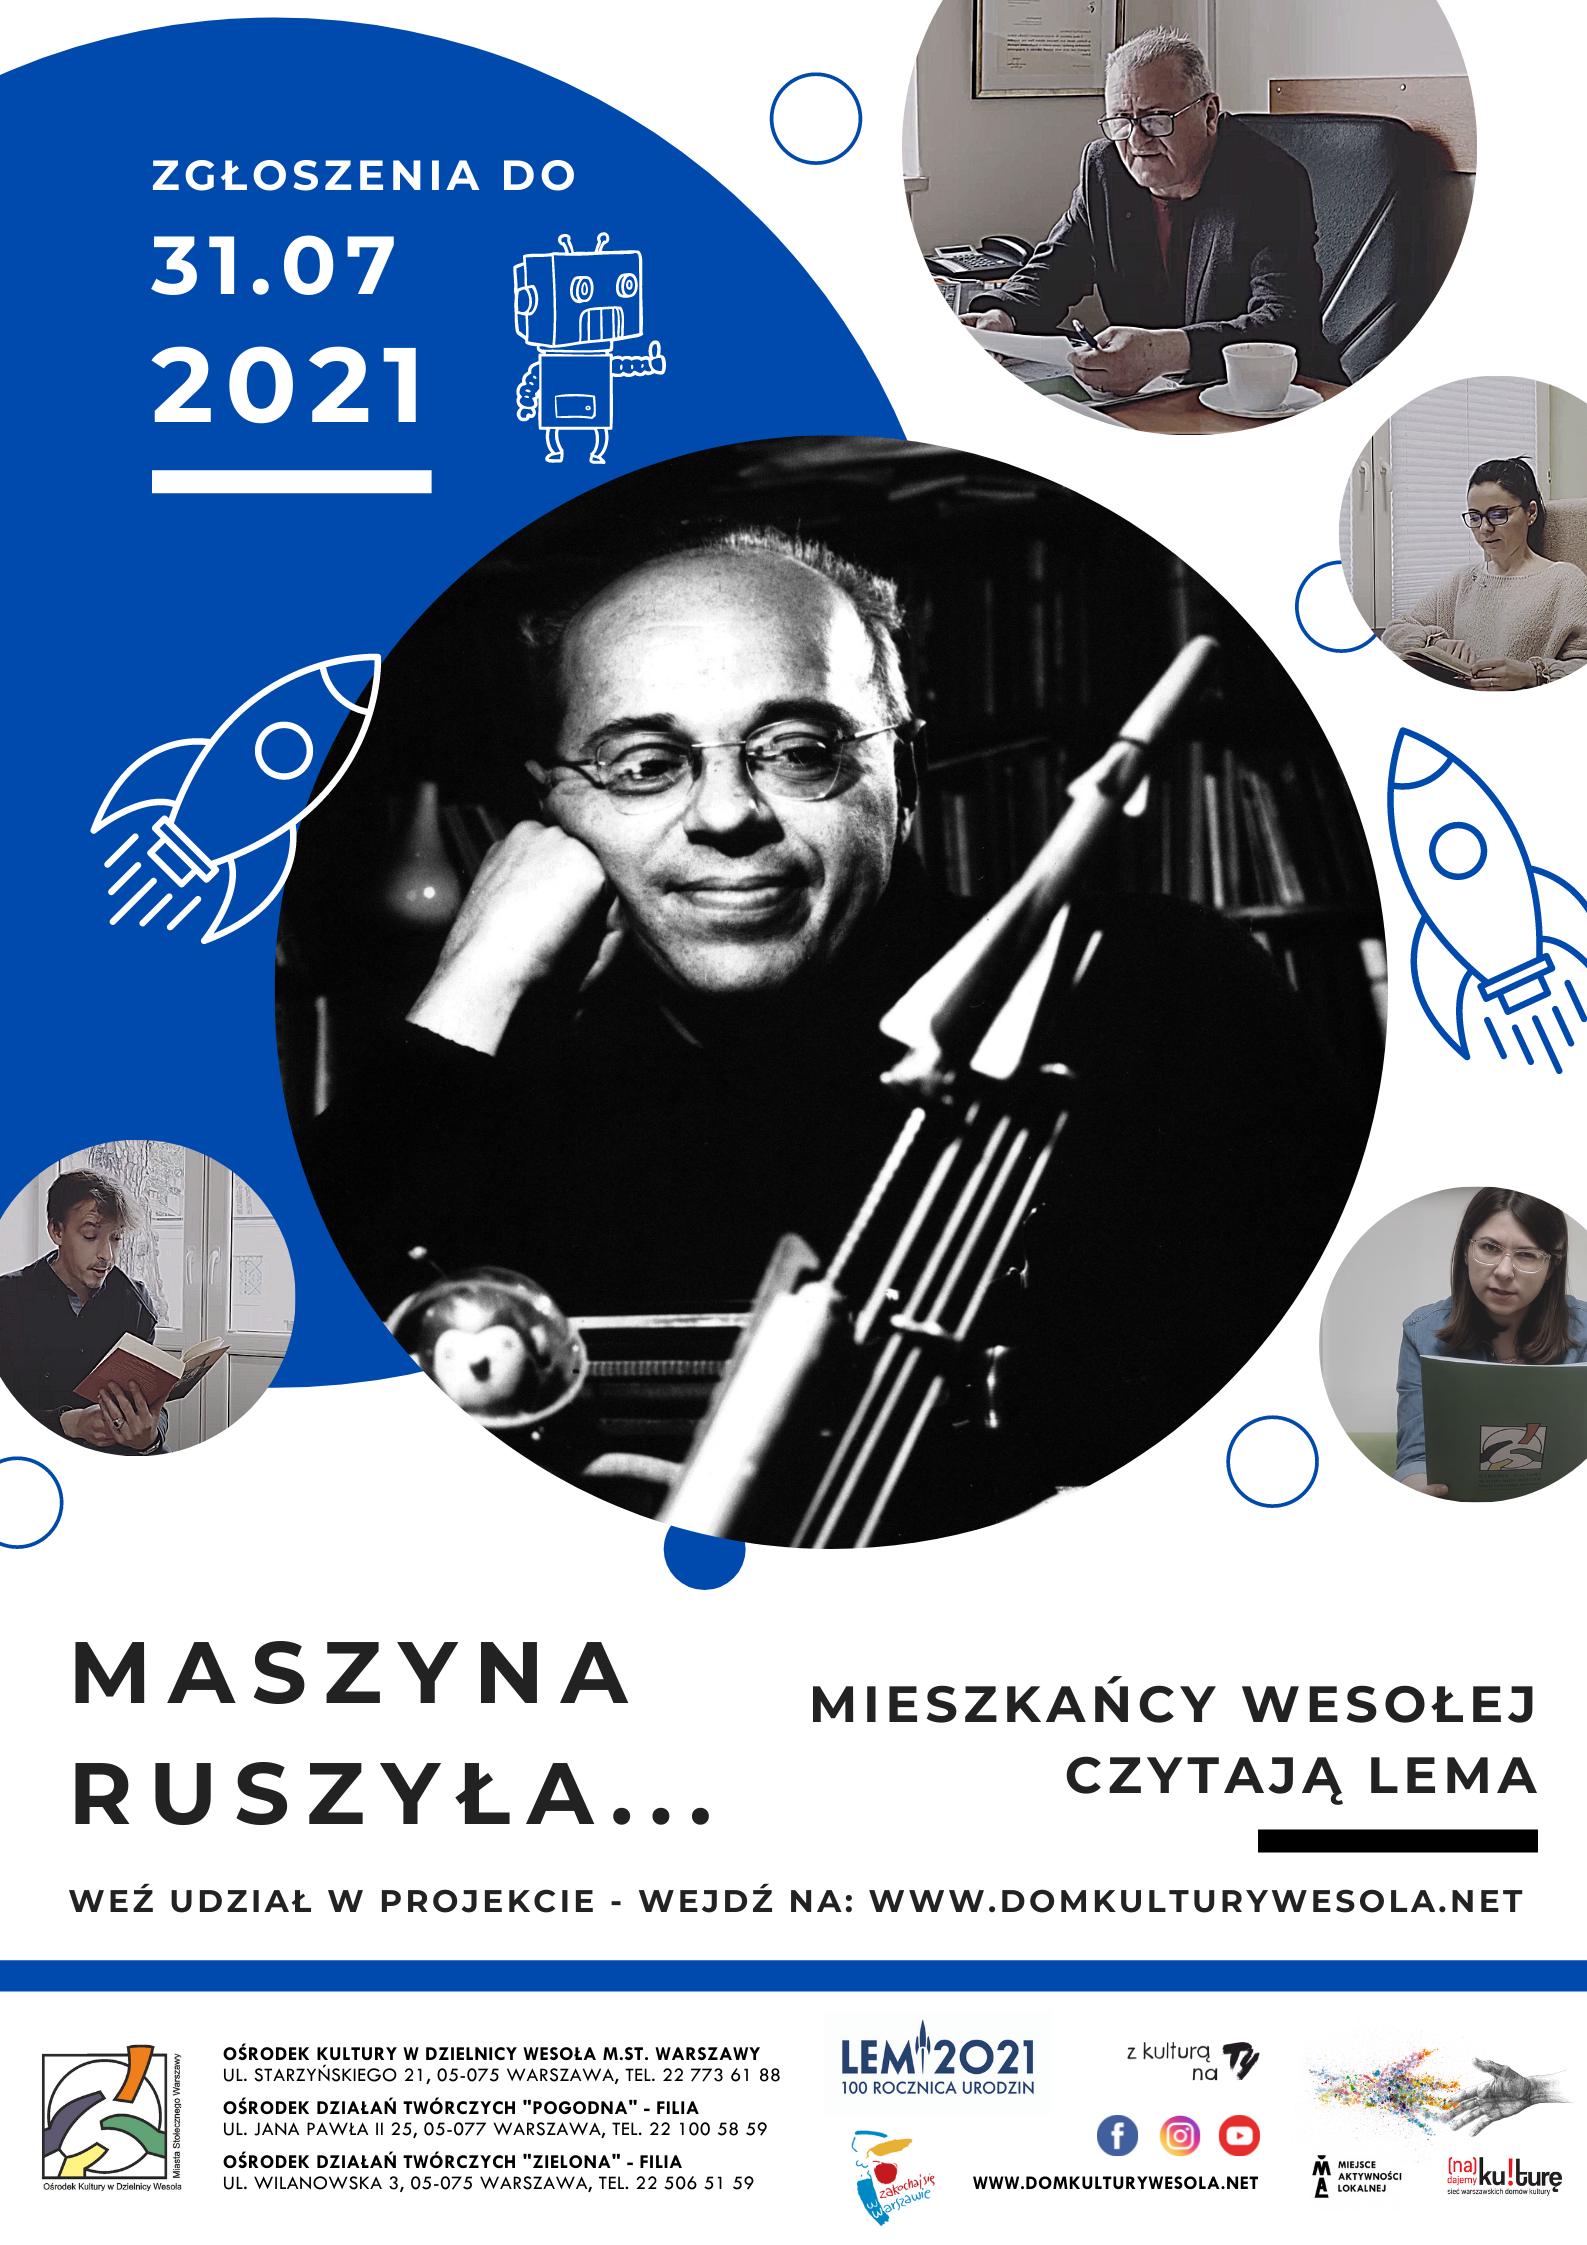 Plakat ze zdjęciem Stanisława Lema i informacjami o projekcie.